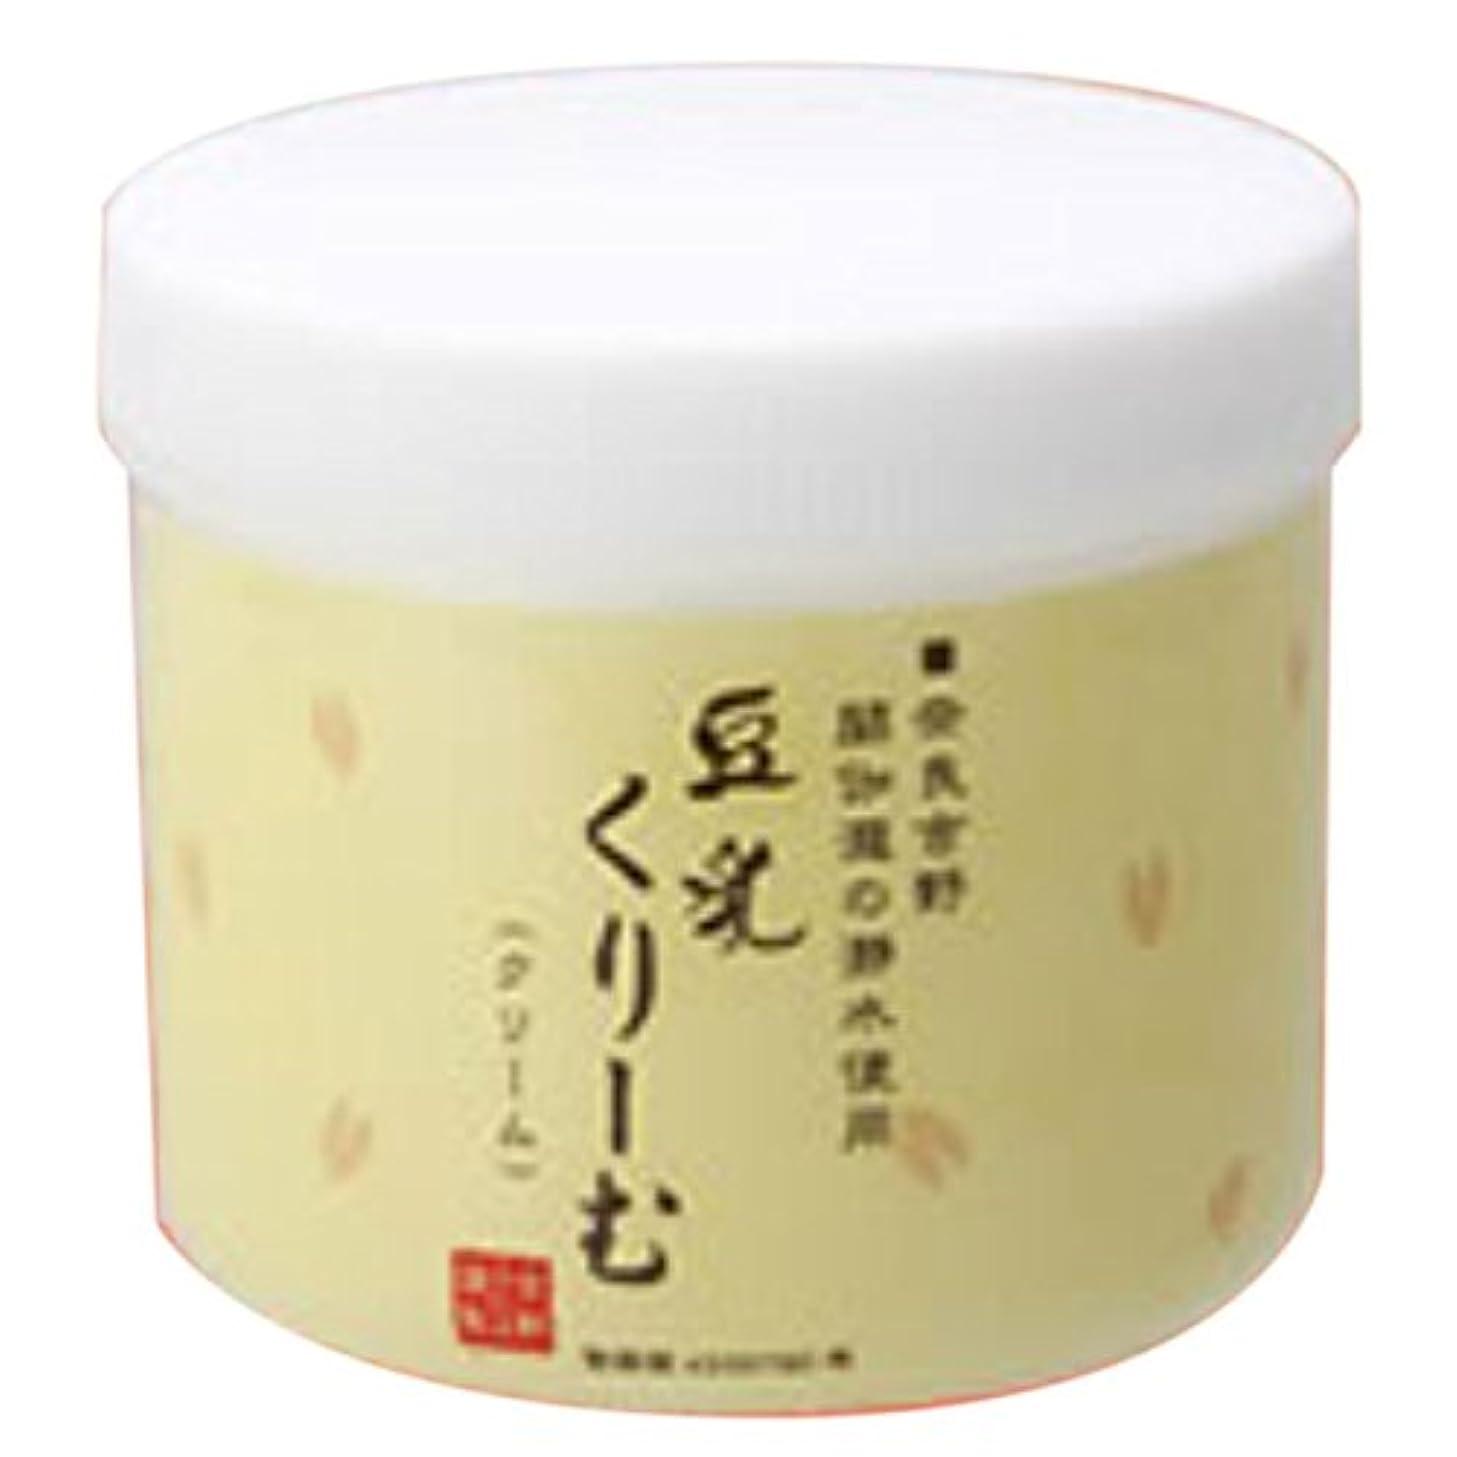 芽学部緩める吉野ふじや謹製 とうにゅうくりーむ (豆乳美容クリーム) 3個セット